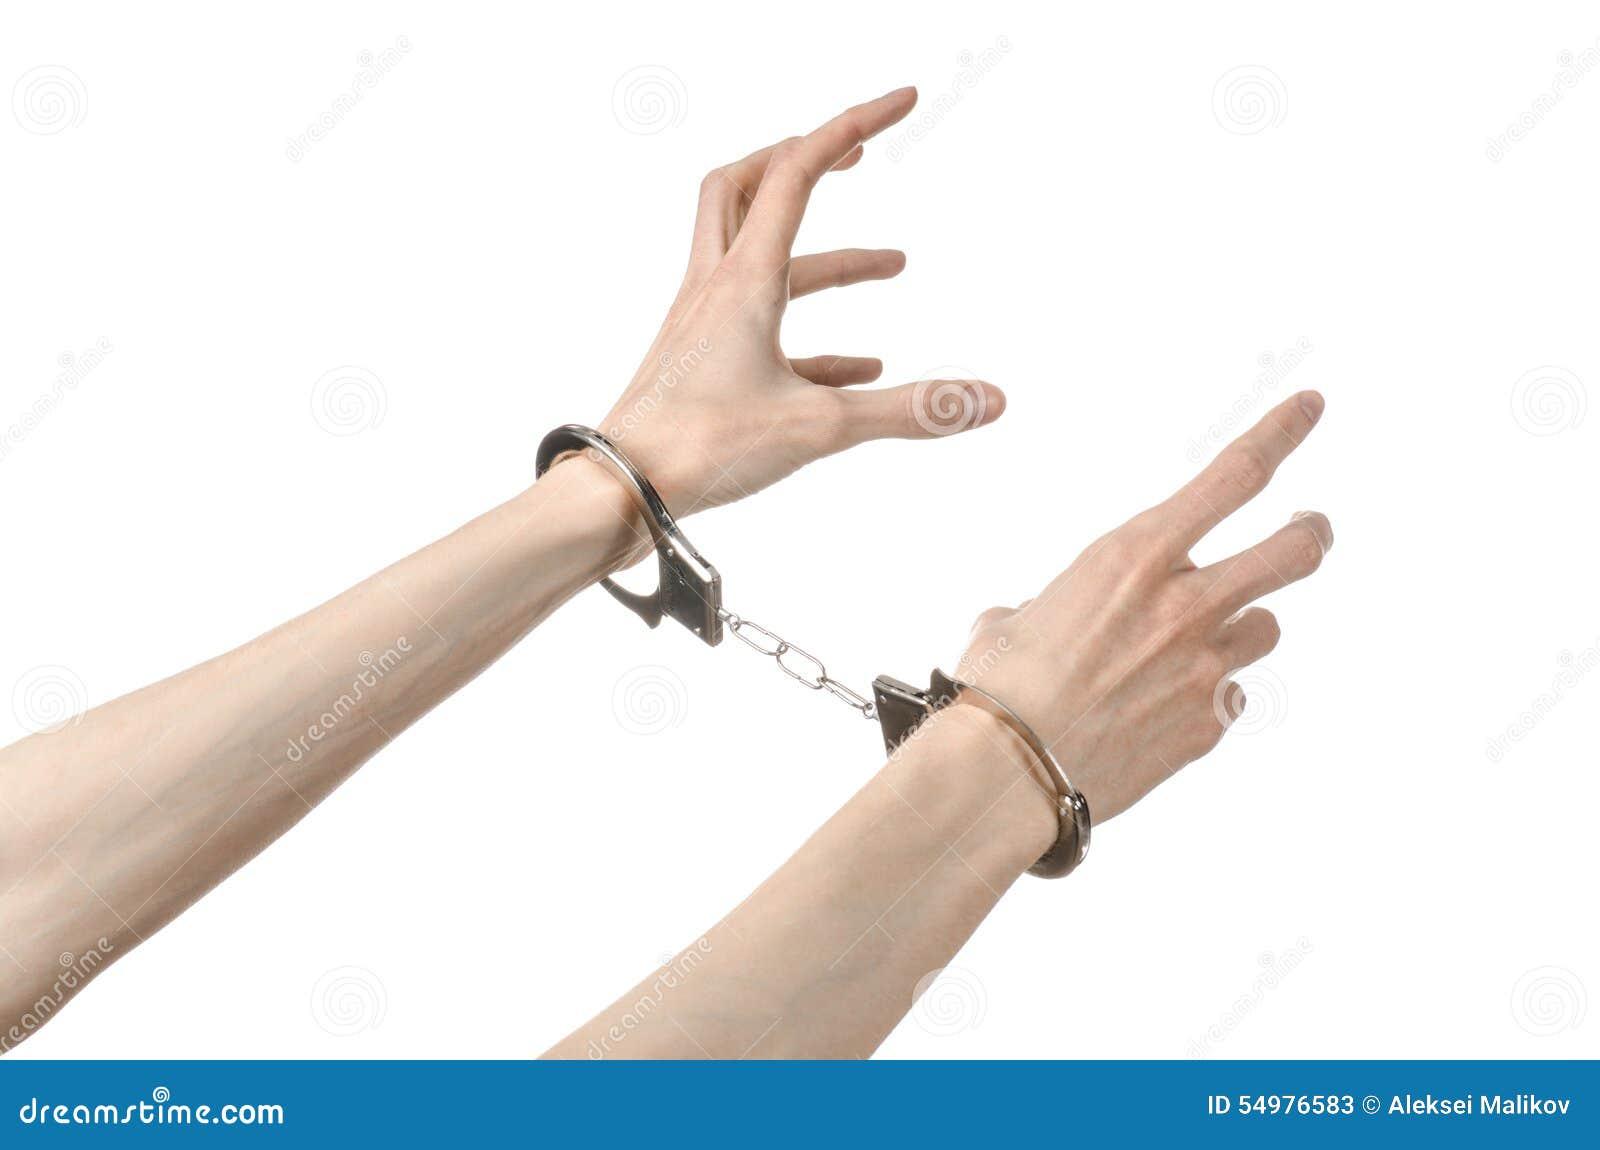 Fängelse och beslagit ämne: manhänder med handbojor som isoleras på